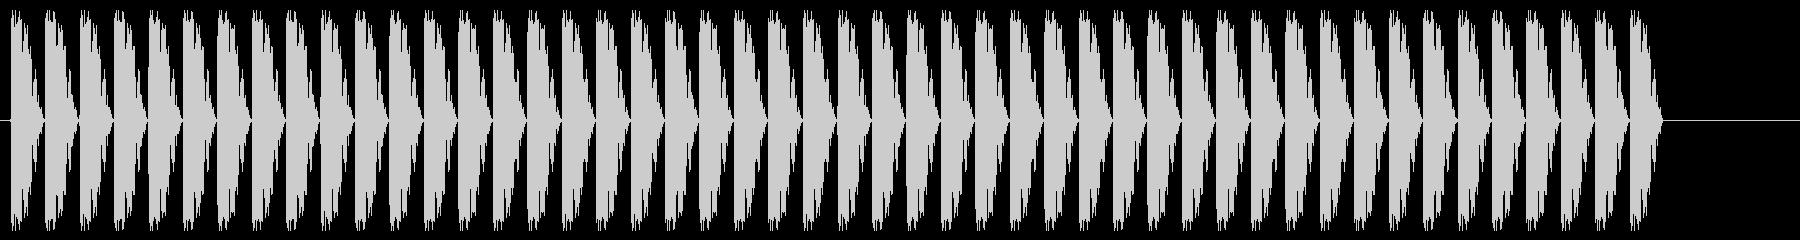 警報;急速に変化する短時間連続アラーム。の未再生の波形